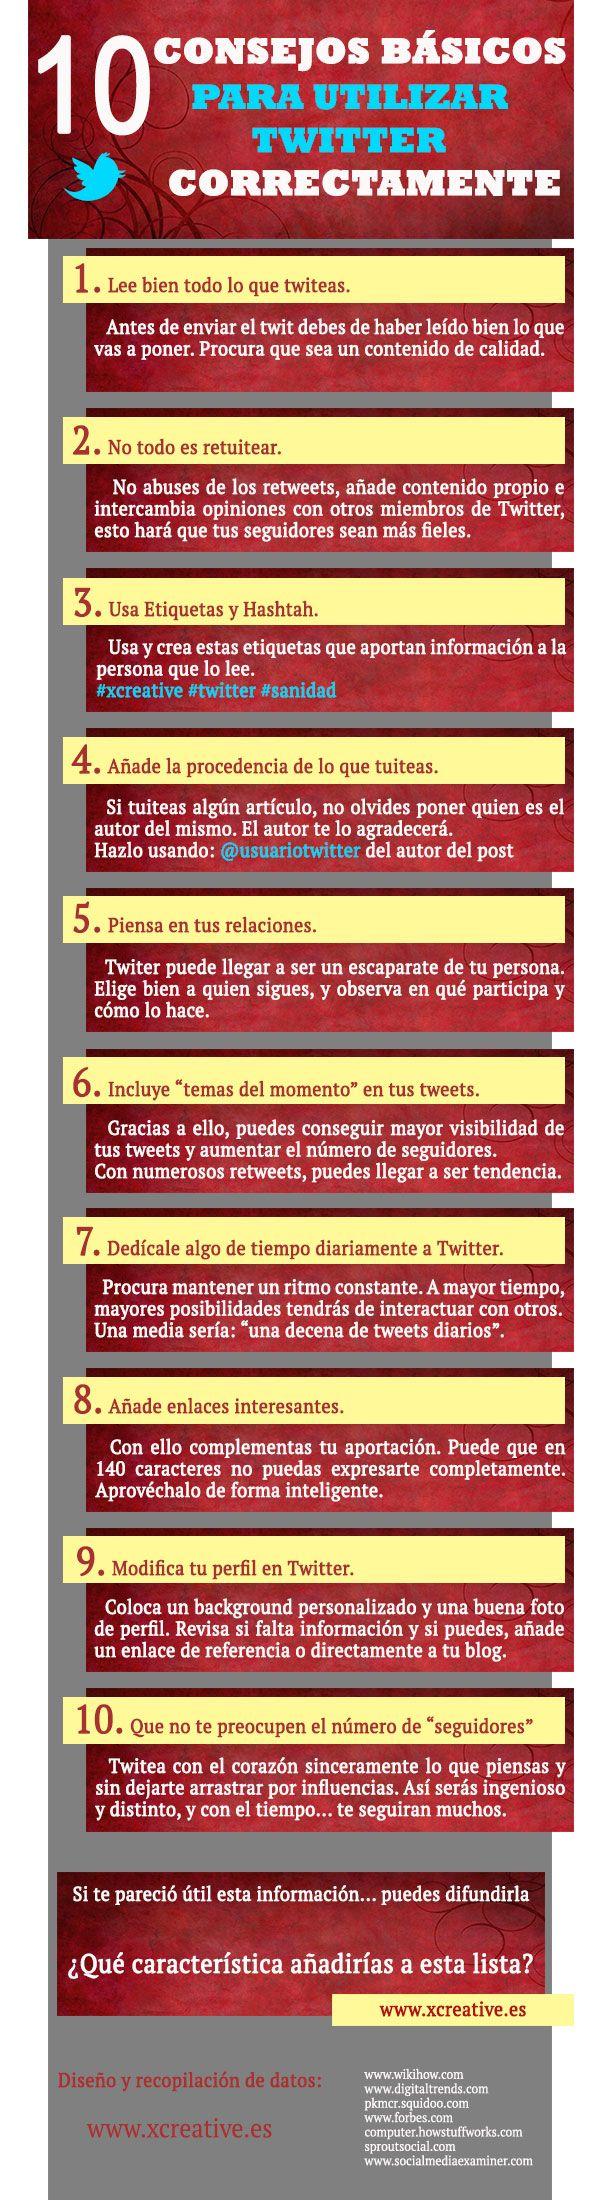 10 Consejos Basicos para Utilizar #Twitter Correctamente